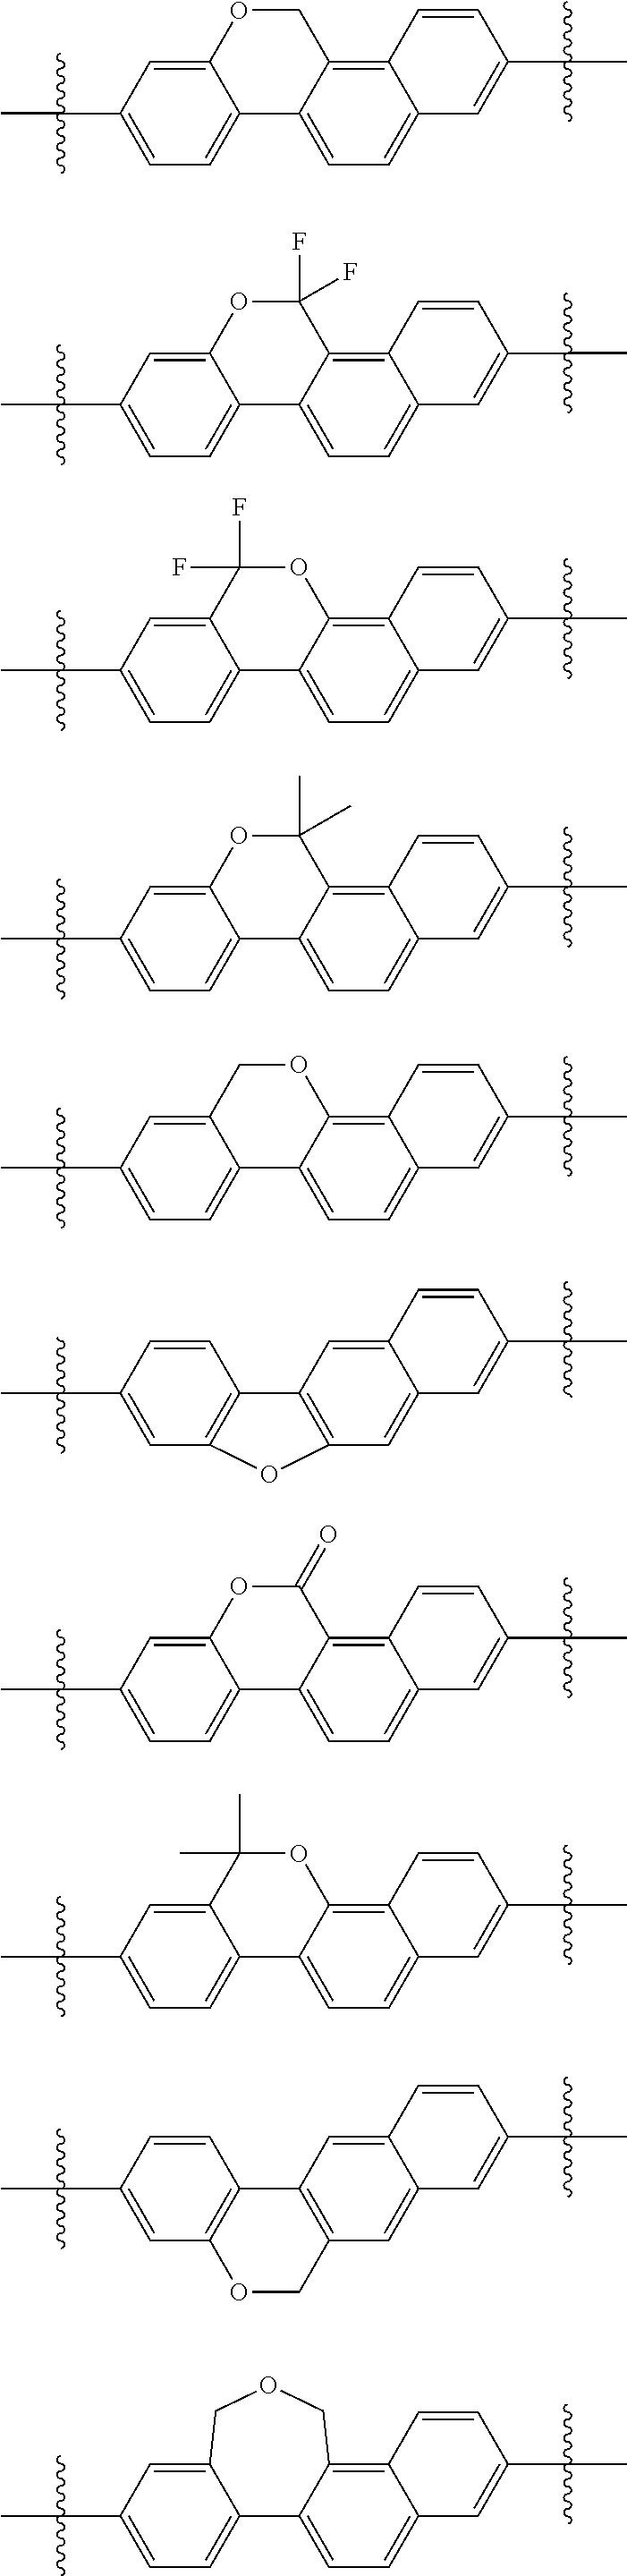 Figure US08841278-20140923-C00146